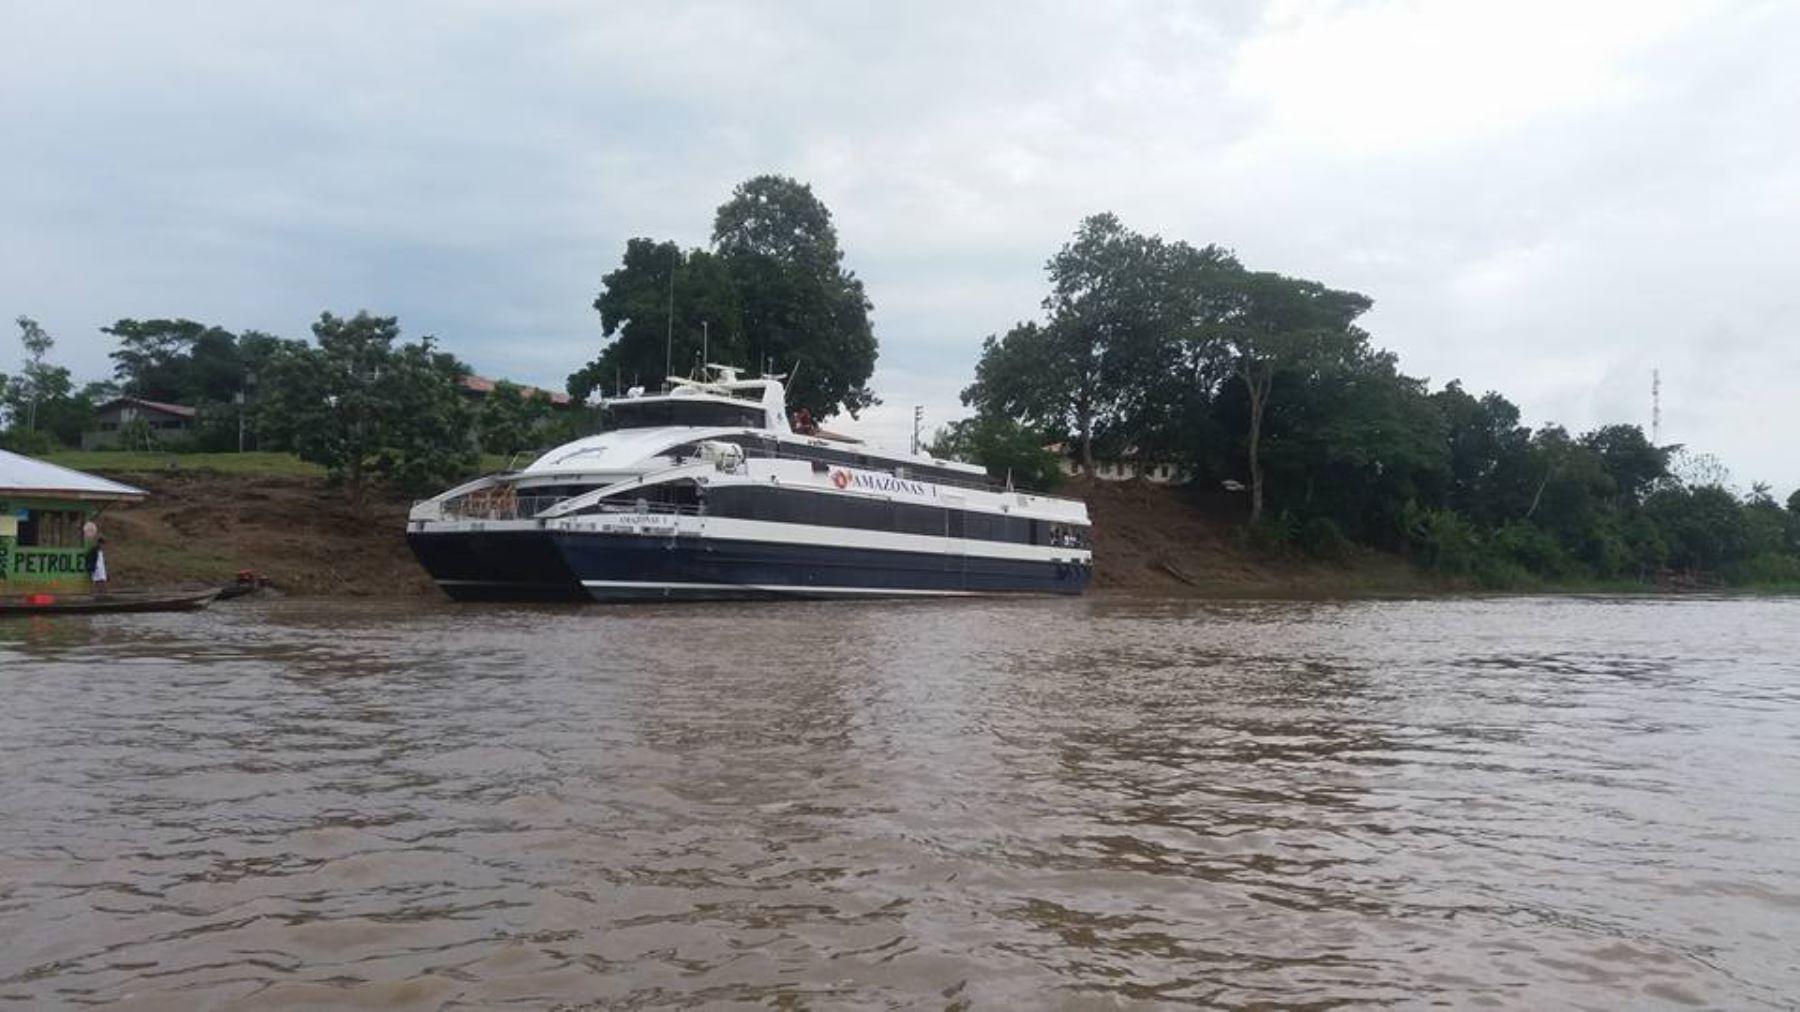 El Ferry Amazónico brindará una mayor seguridad a sus pasajeros, evitando robos en la ruta, dado que contará con estaciones fijas y equipadas para un embarque puntual y tranquilo.